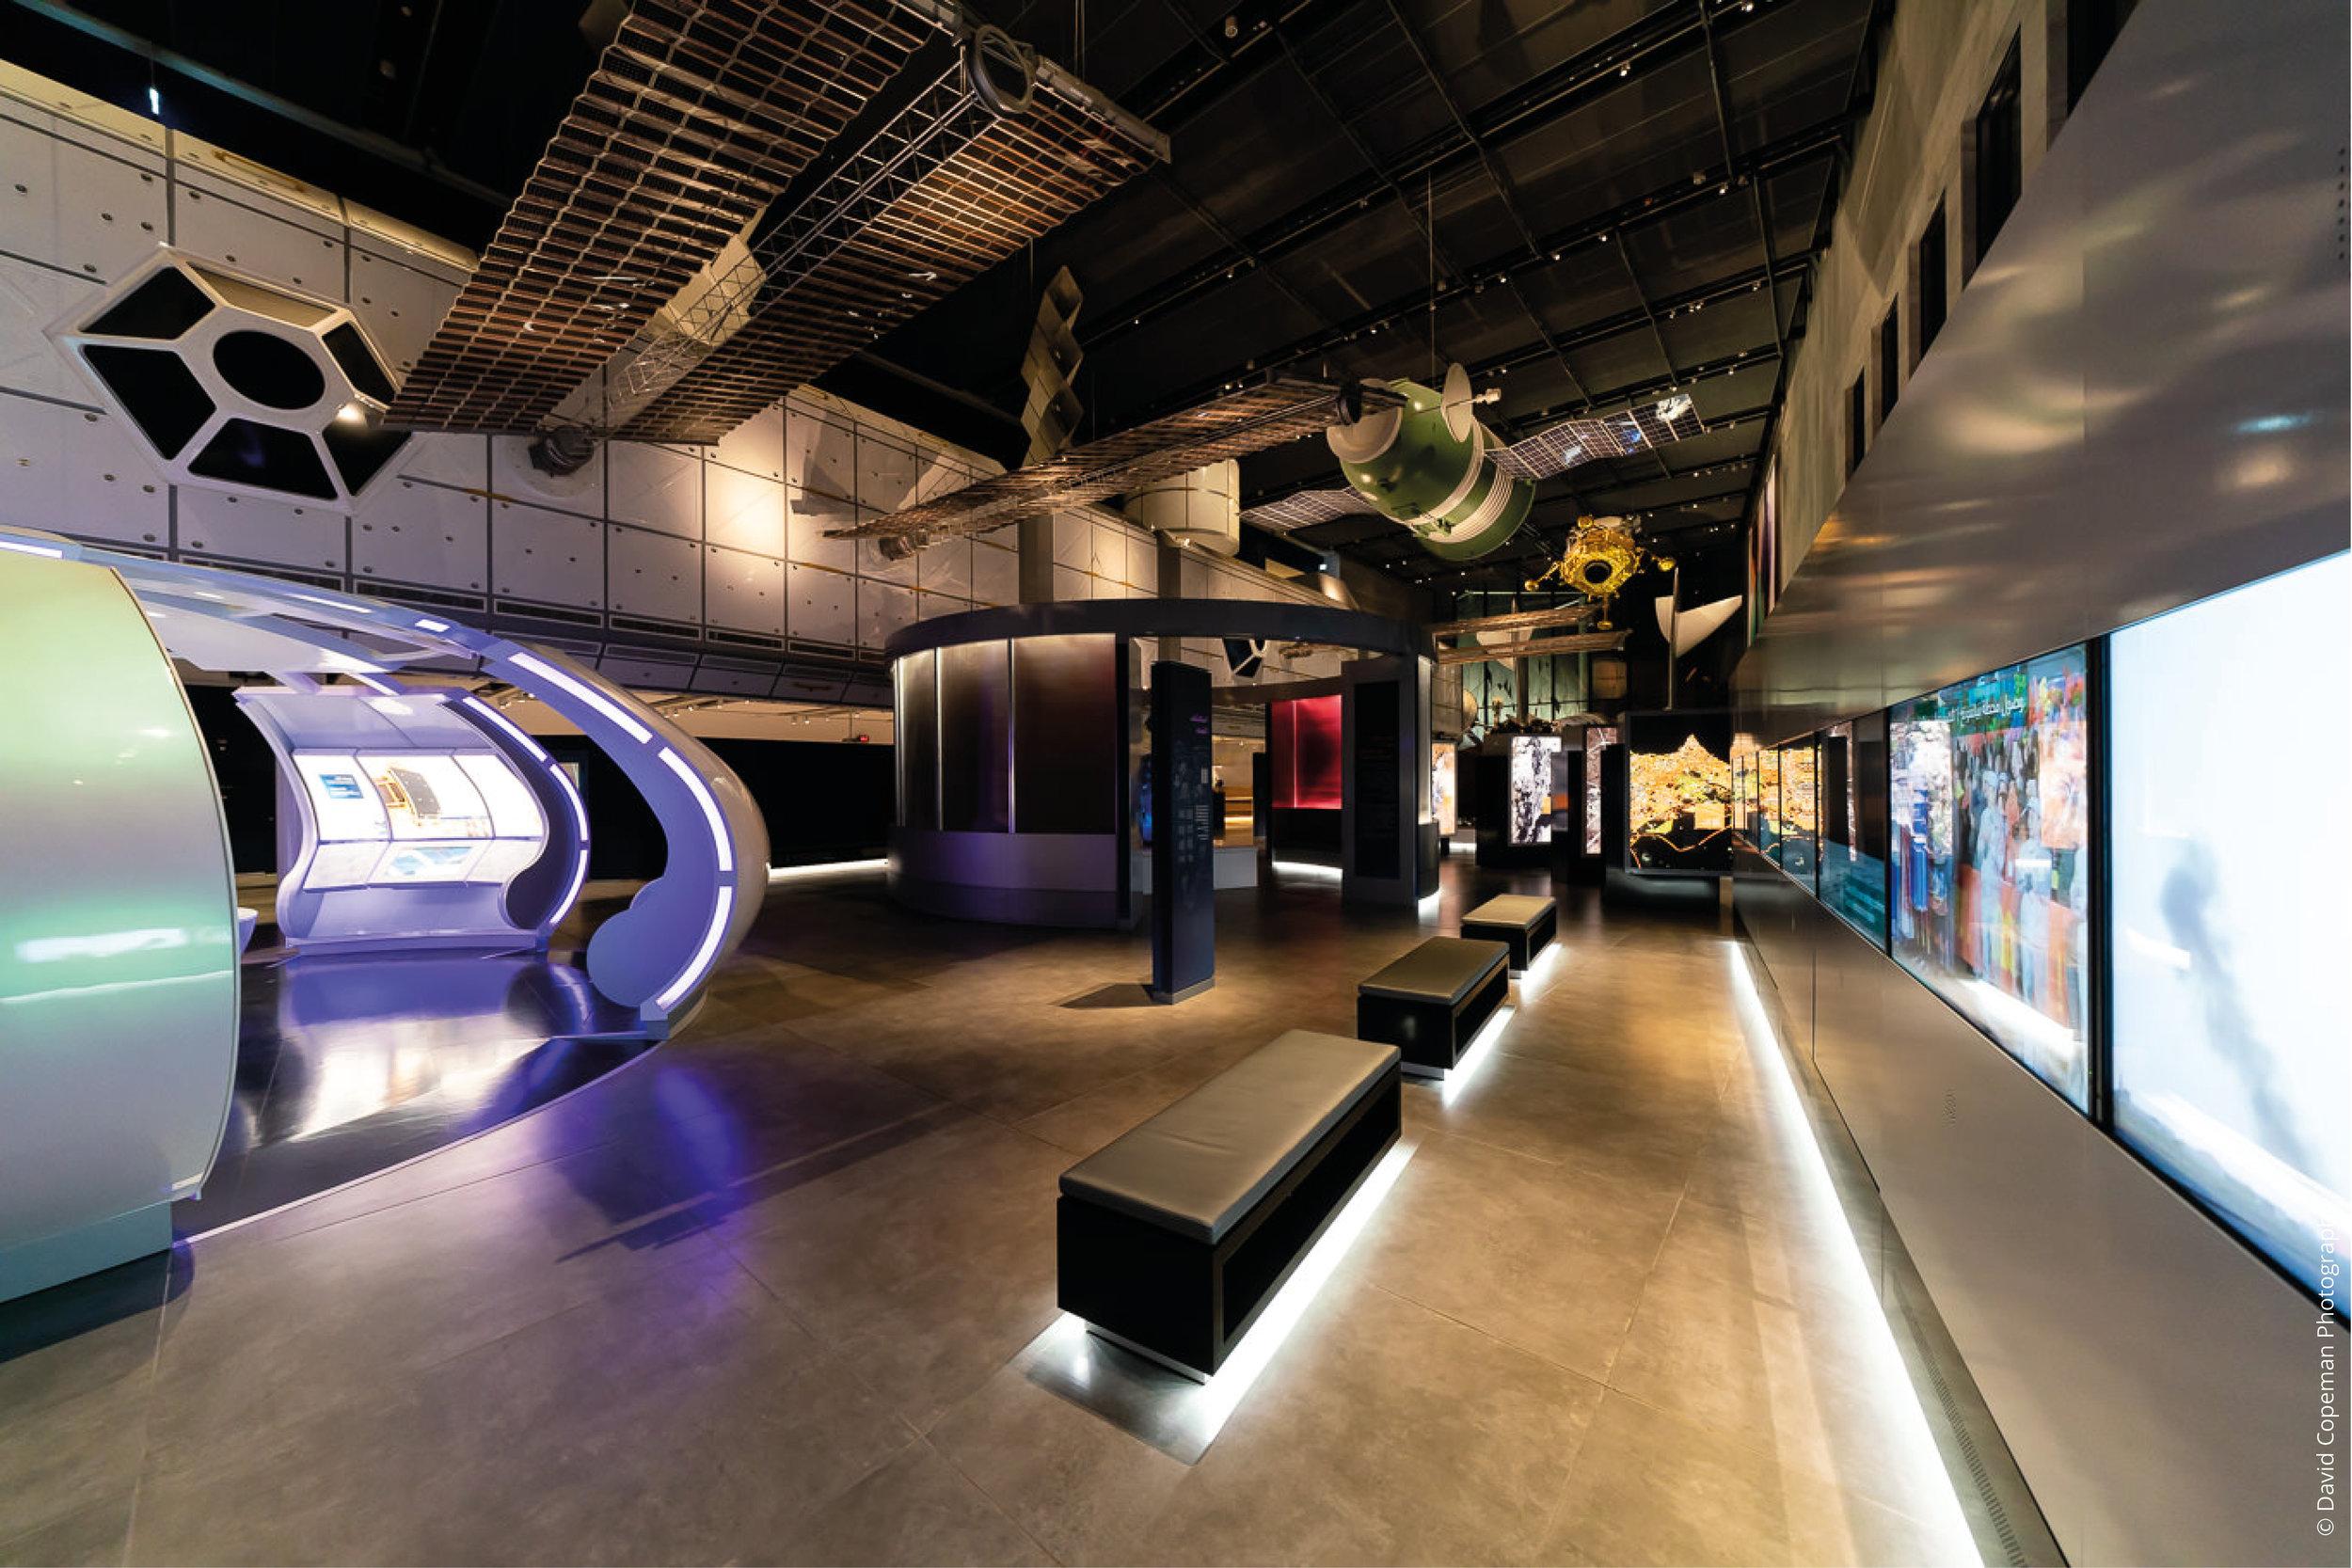 Sheikh Abdullah Al Salem Cultural Centre Space Exploration © David Copeman Photography